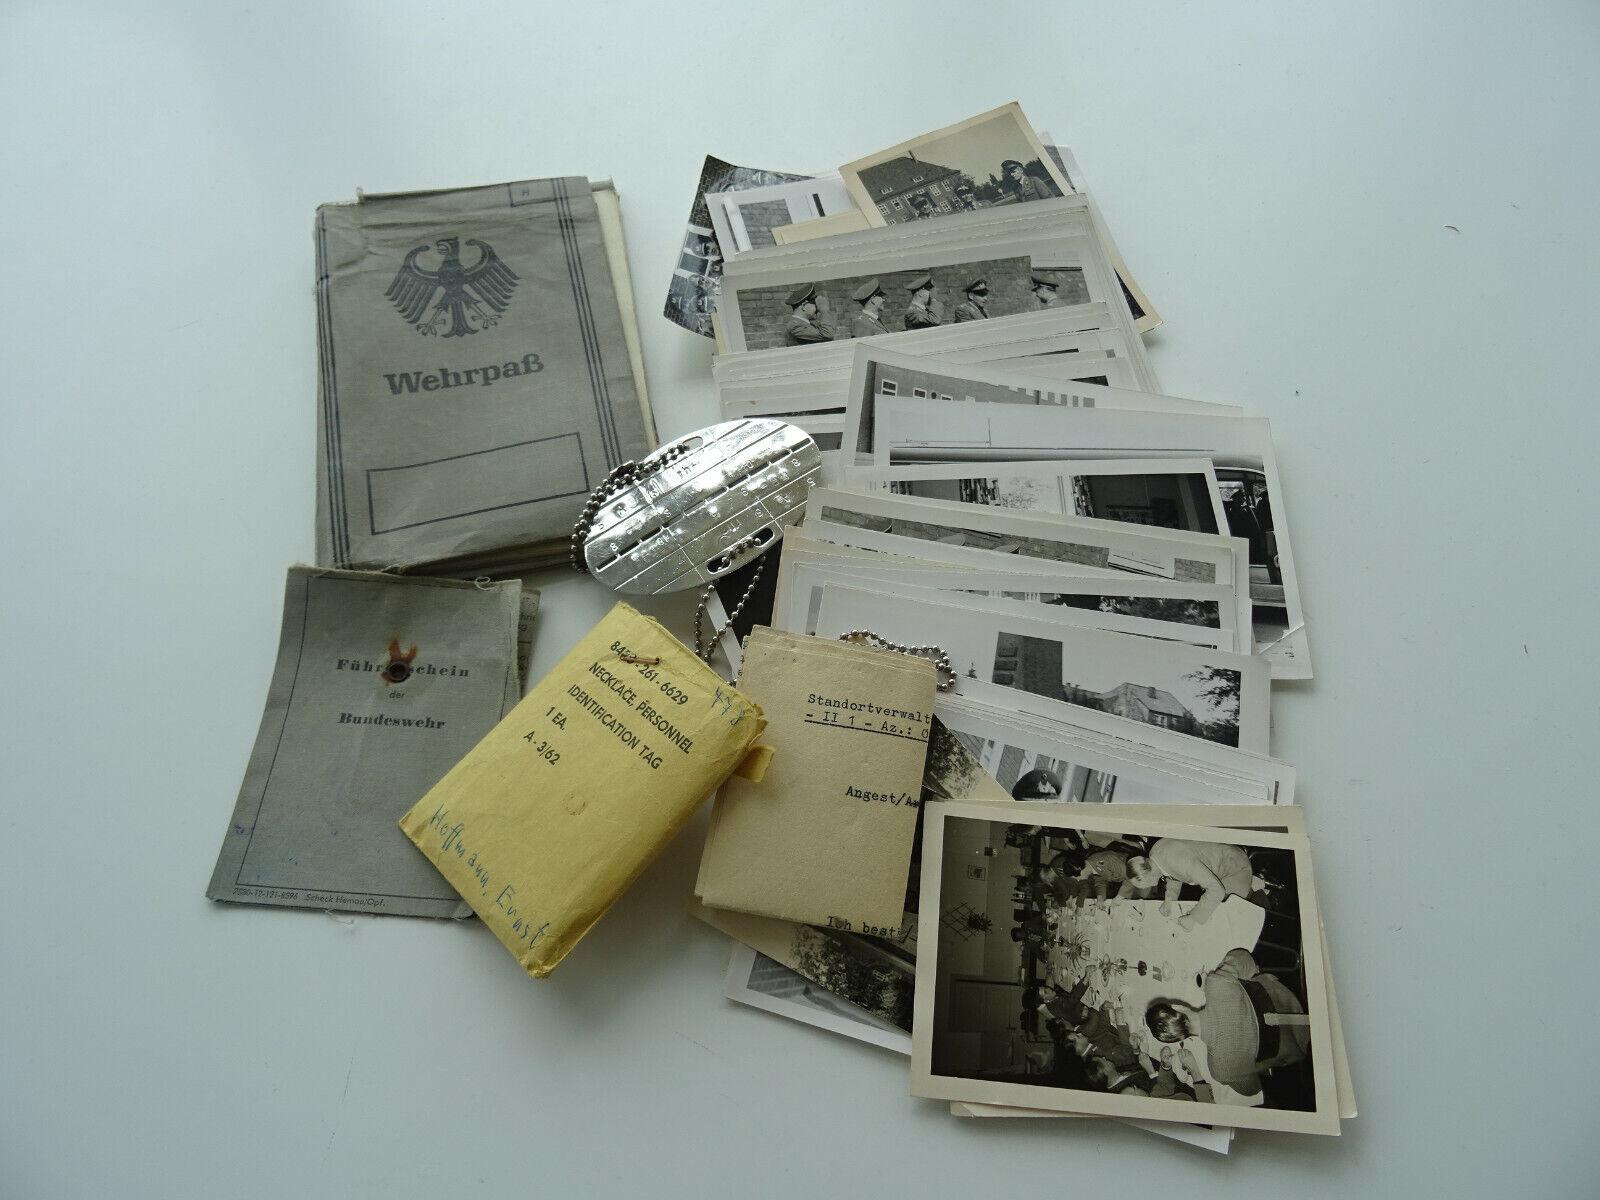 Bild 1 - Wehrpass, Erkennungsmarke, BW Führerschein, Papiere u. 90 Fotos frühe Bundeswehr